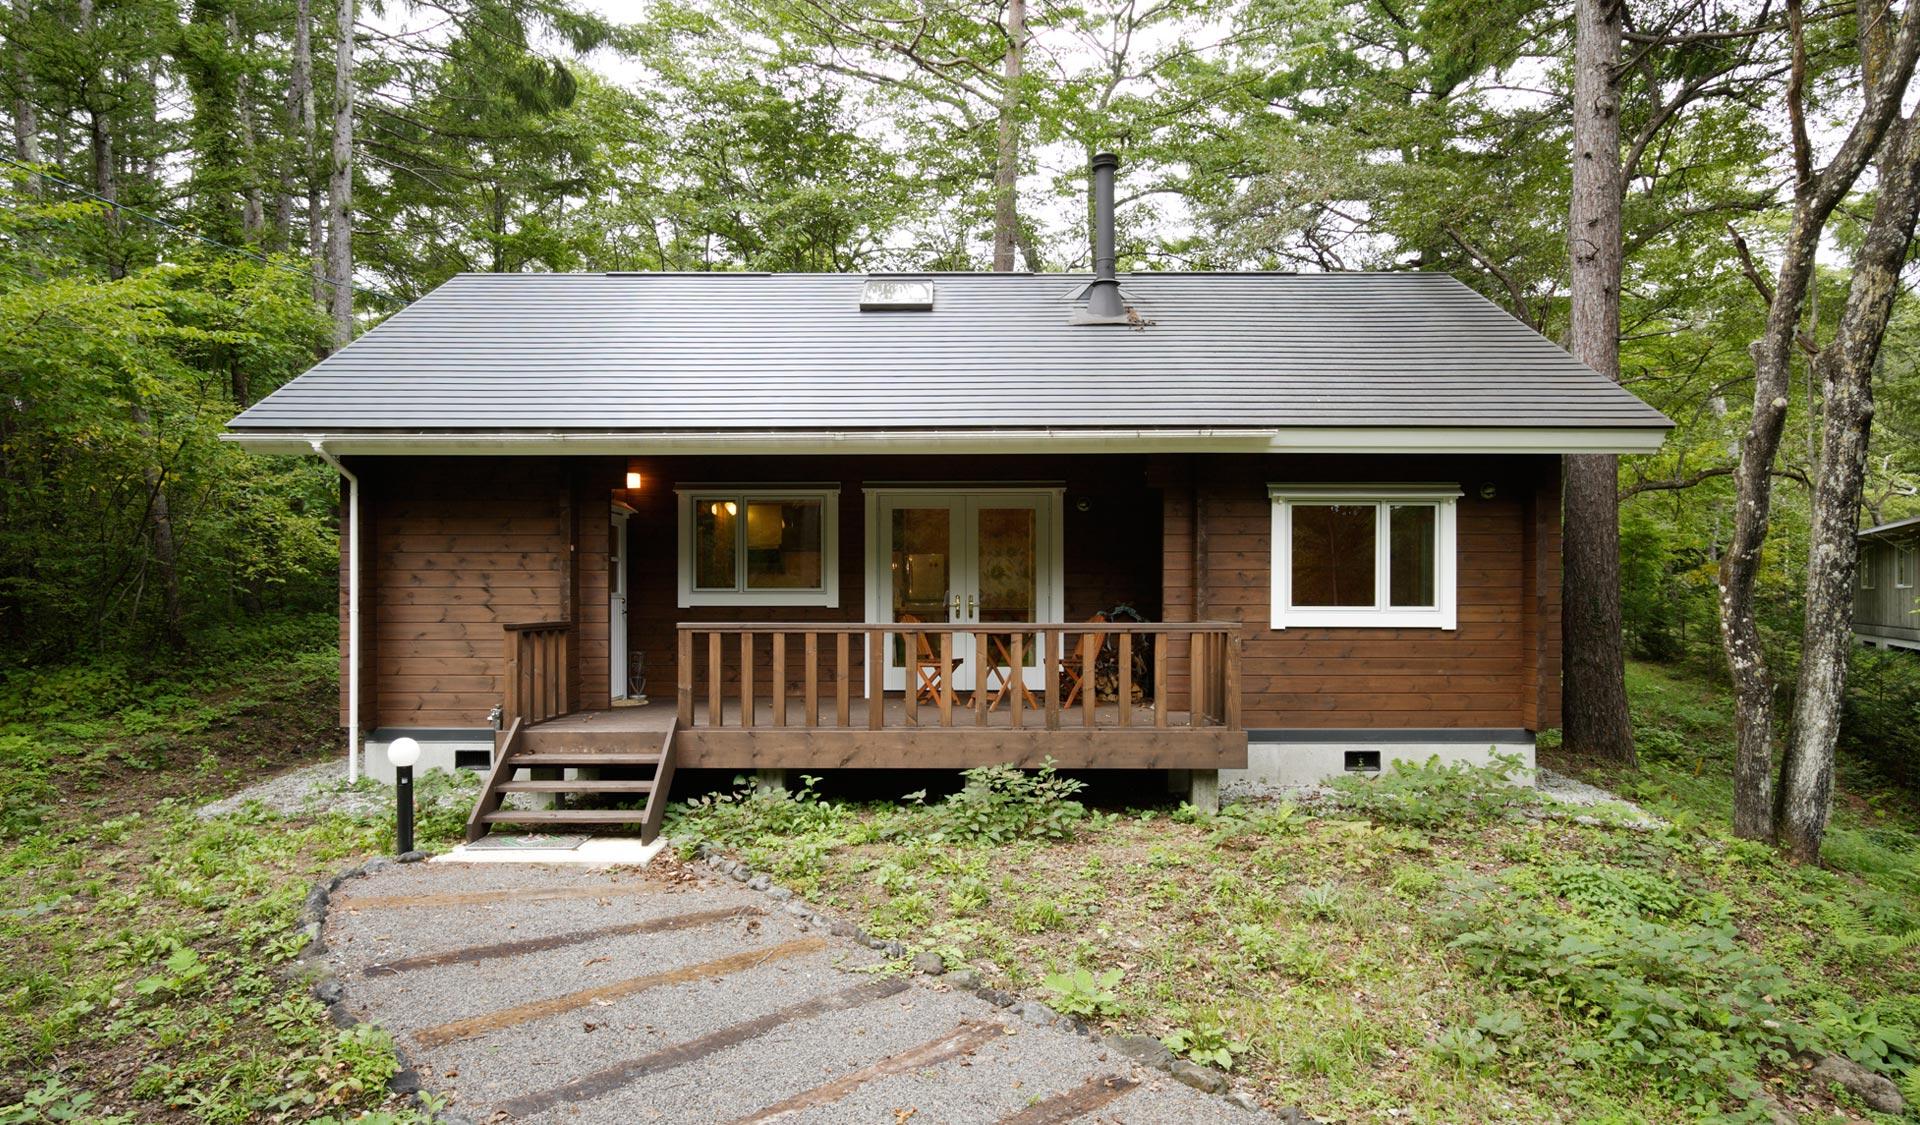 テラスとリビングが 開放的な一体感を生む シンプルな平屋の別荘